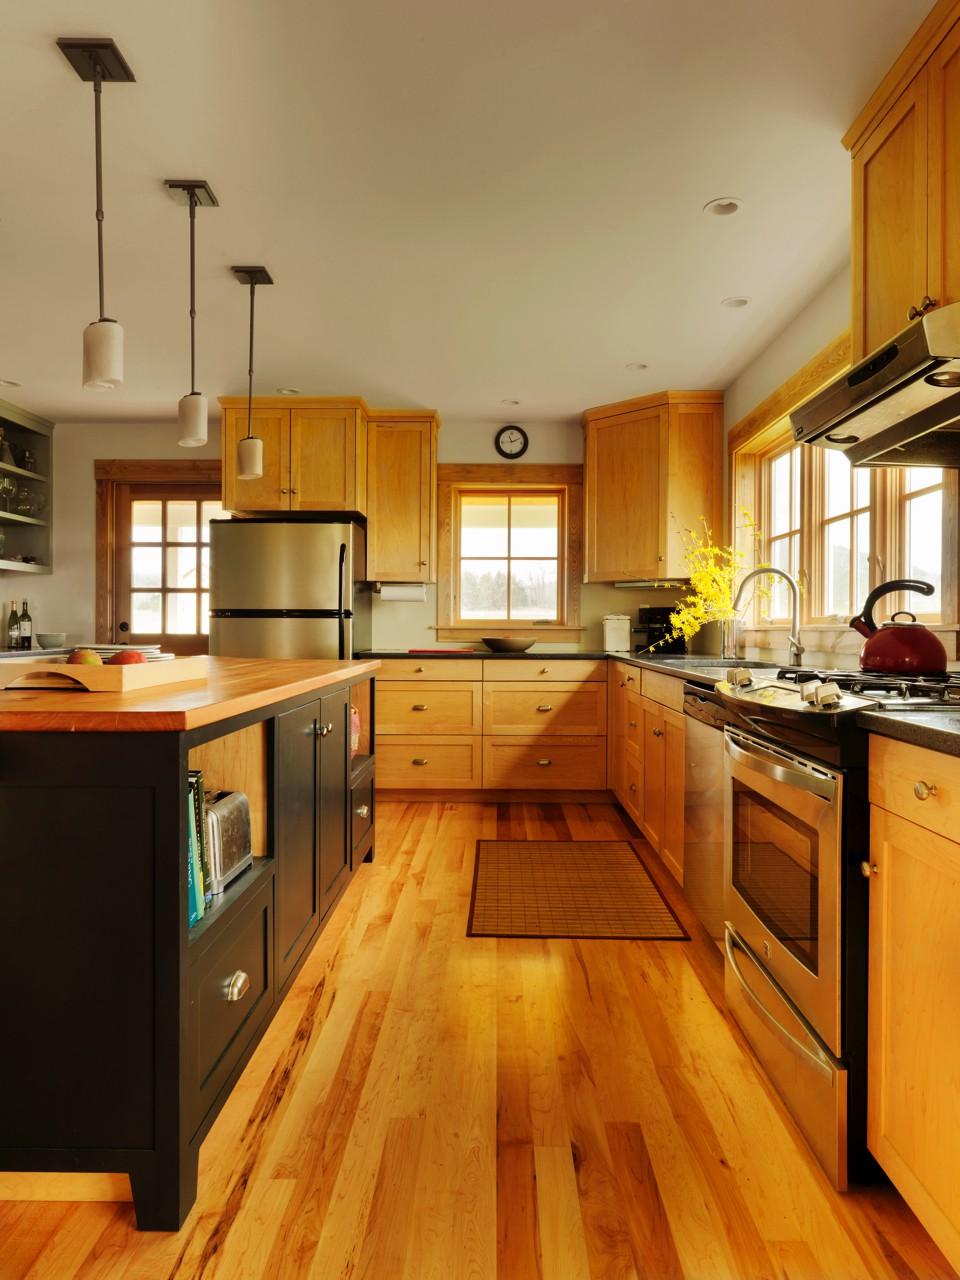 Charlotte Farmhouse Kitchen.jpg